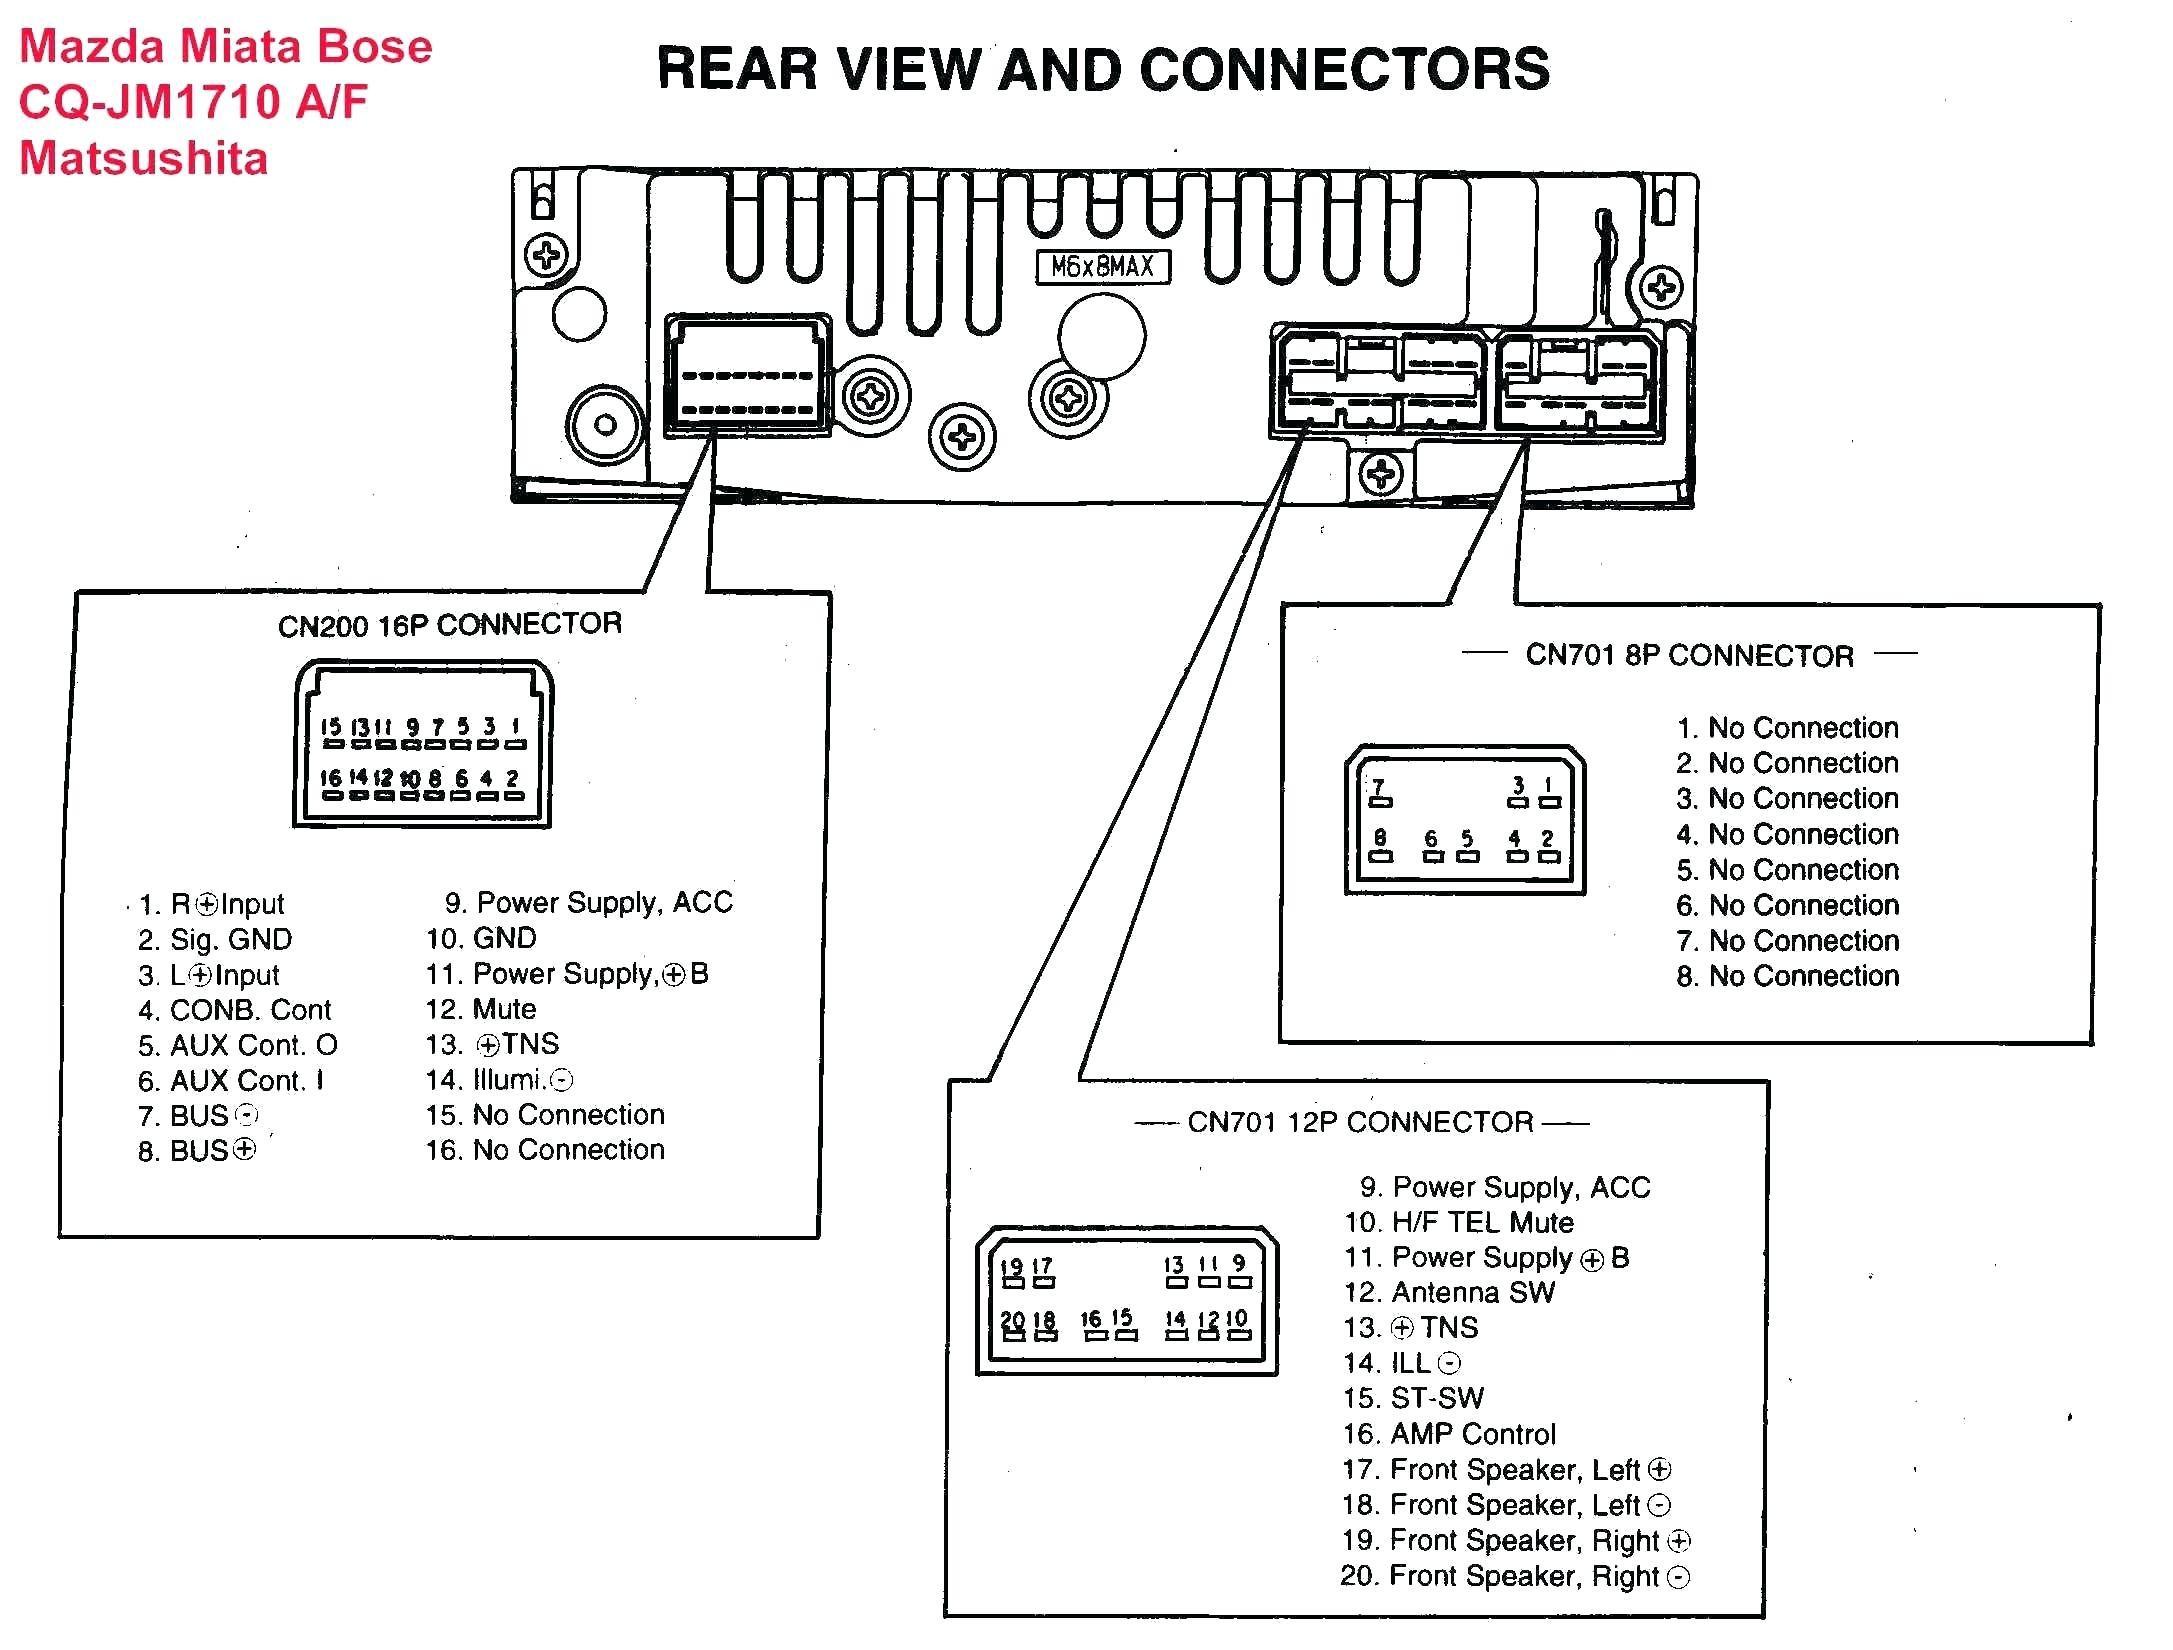 car deck wiring diagram elegant sony car stereo wiring diagram rh detoxicrecenze com Sony Xplod Wiring Harness Colors Sony Xplod Wiring Harness